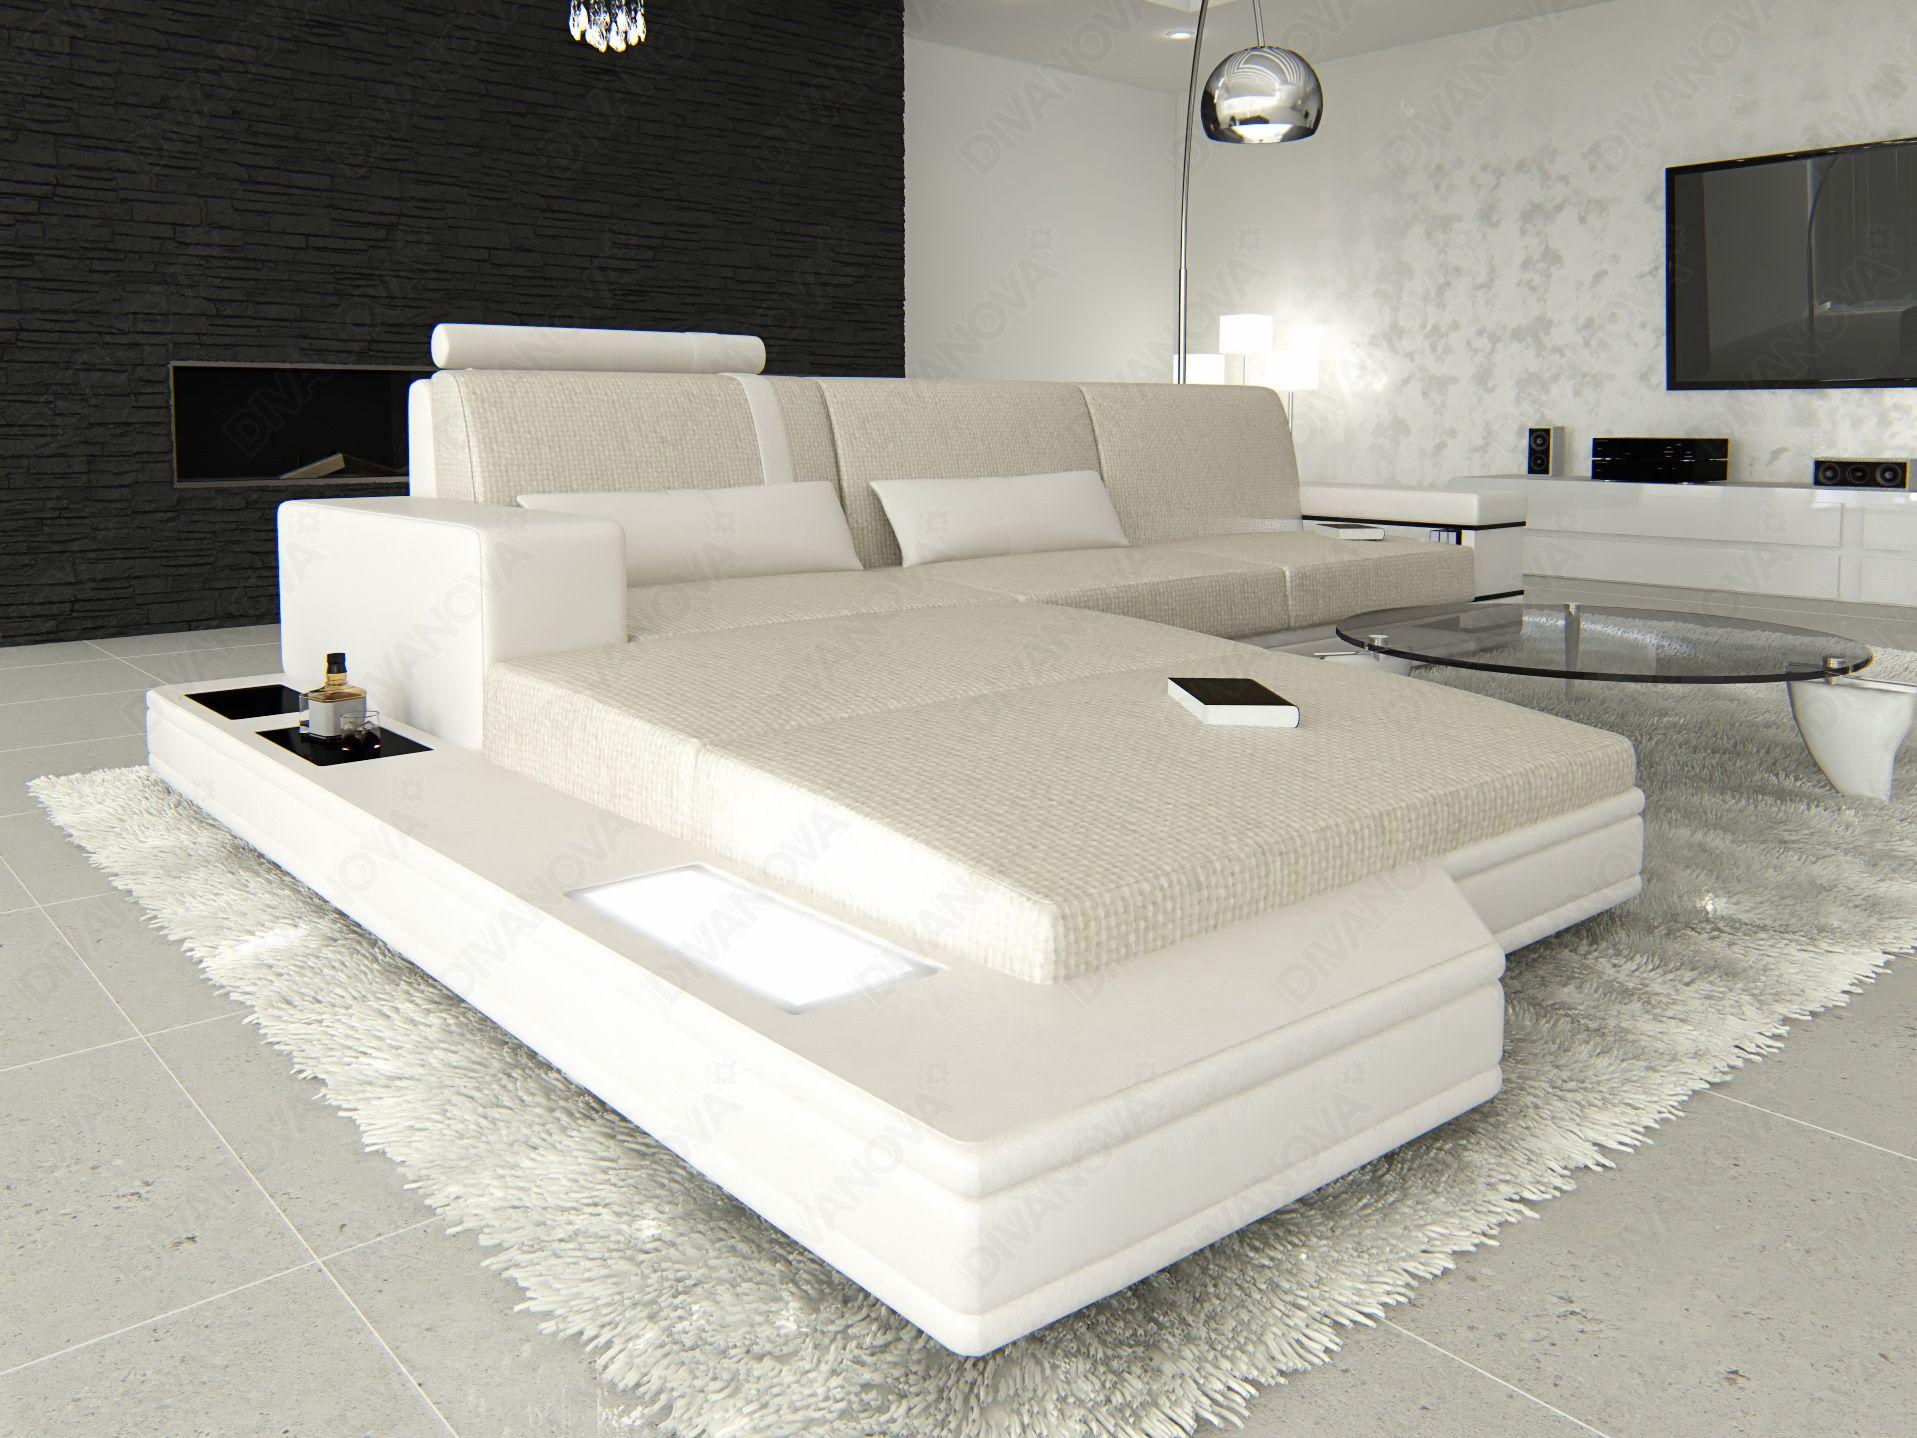 proxima - divano angolare a 3 posti con penisola, in tessuto ... - Marrone Elegante Divano Letto Ad Angolo